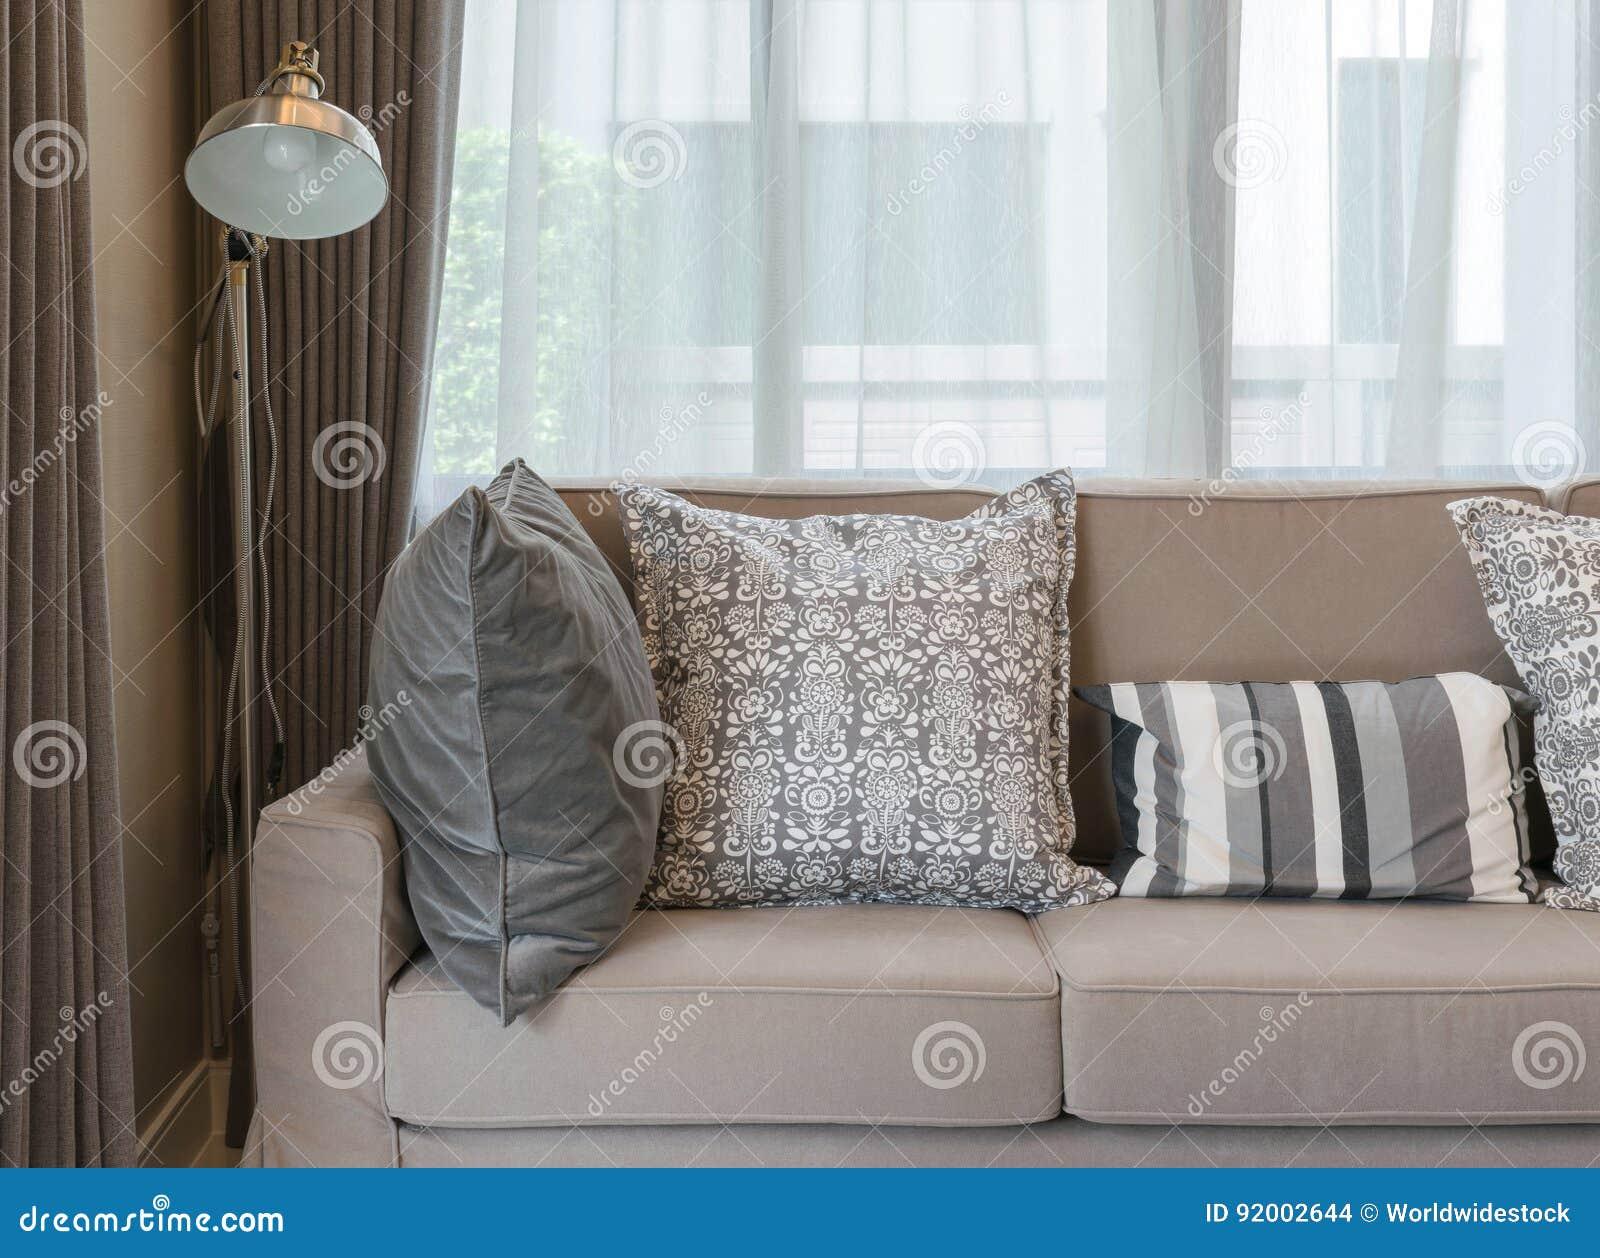 Wohnzimmer Mit Braunem Sofa Und Grau Kopierte Kissen Zu Hause ...